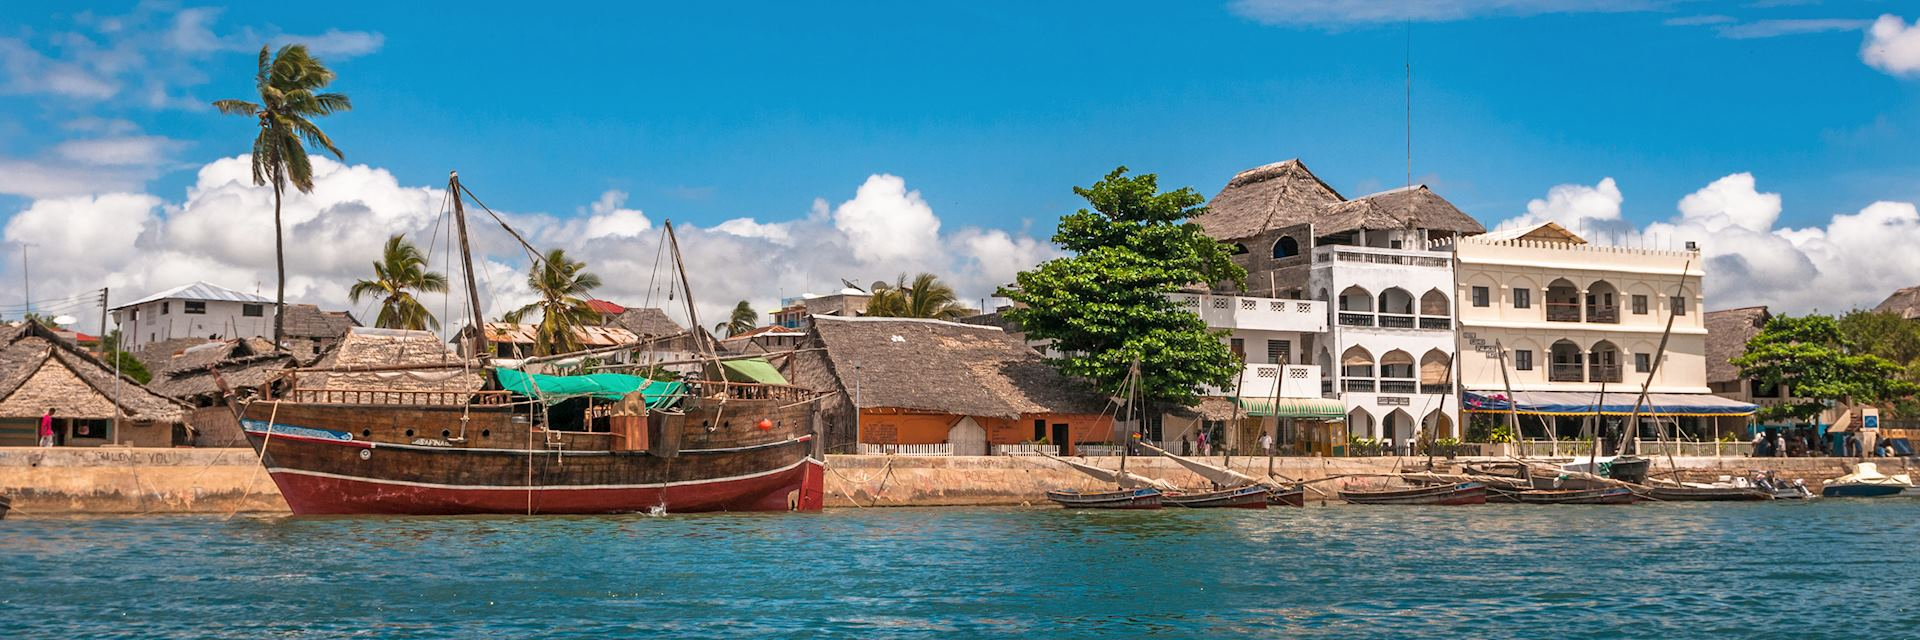 Lamu Old Town